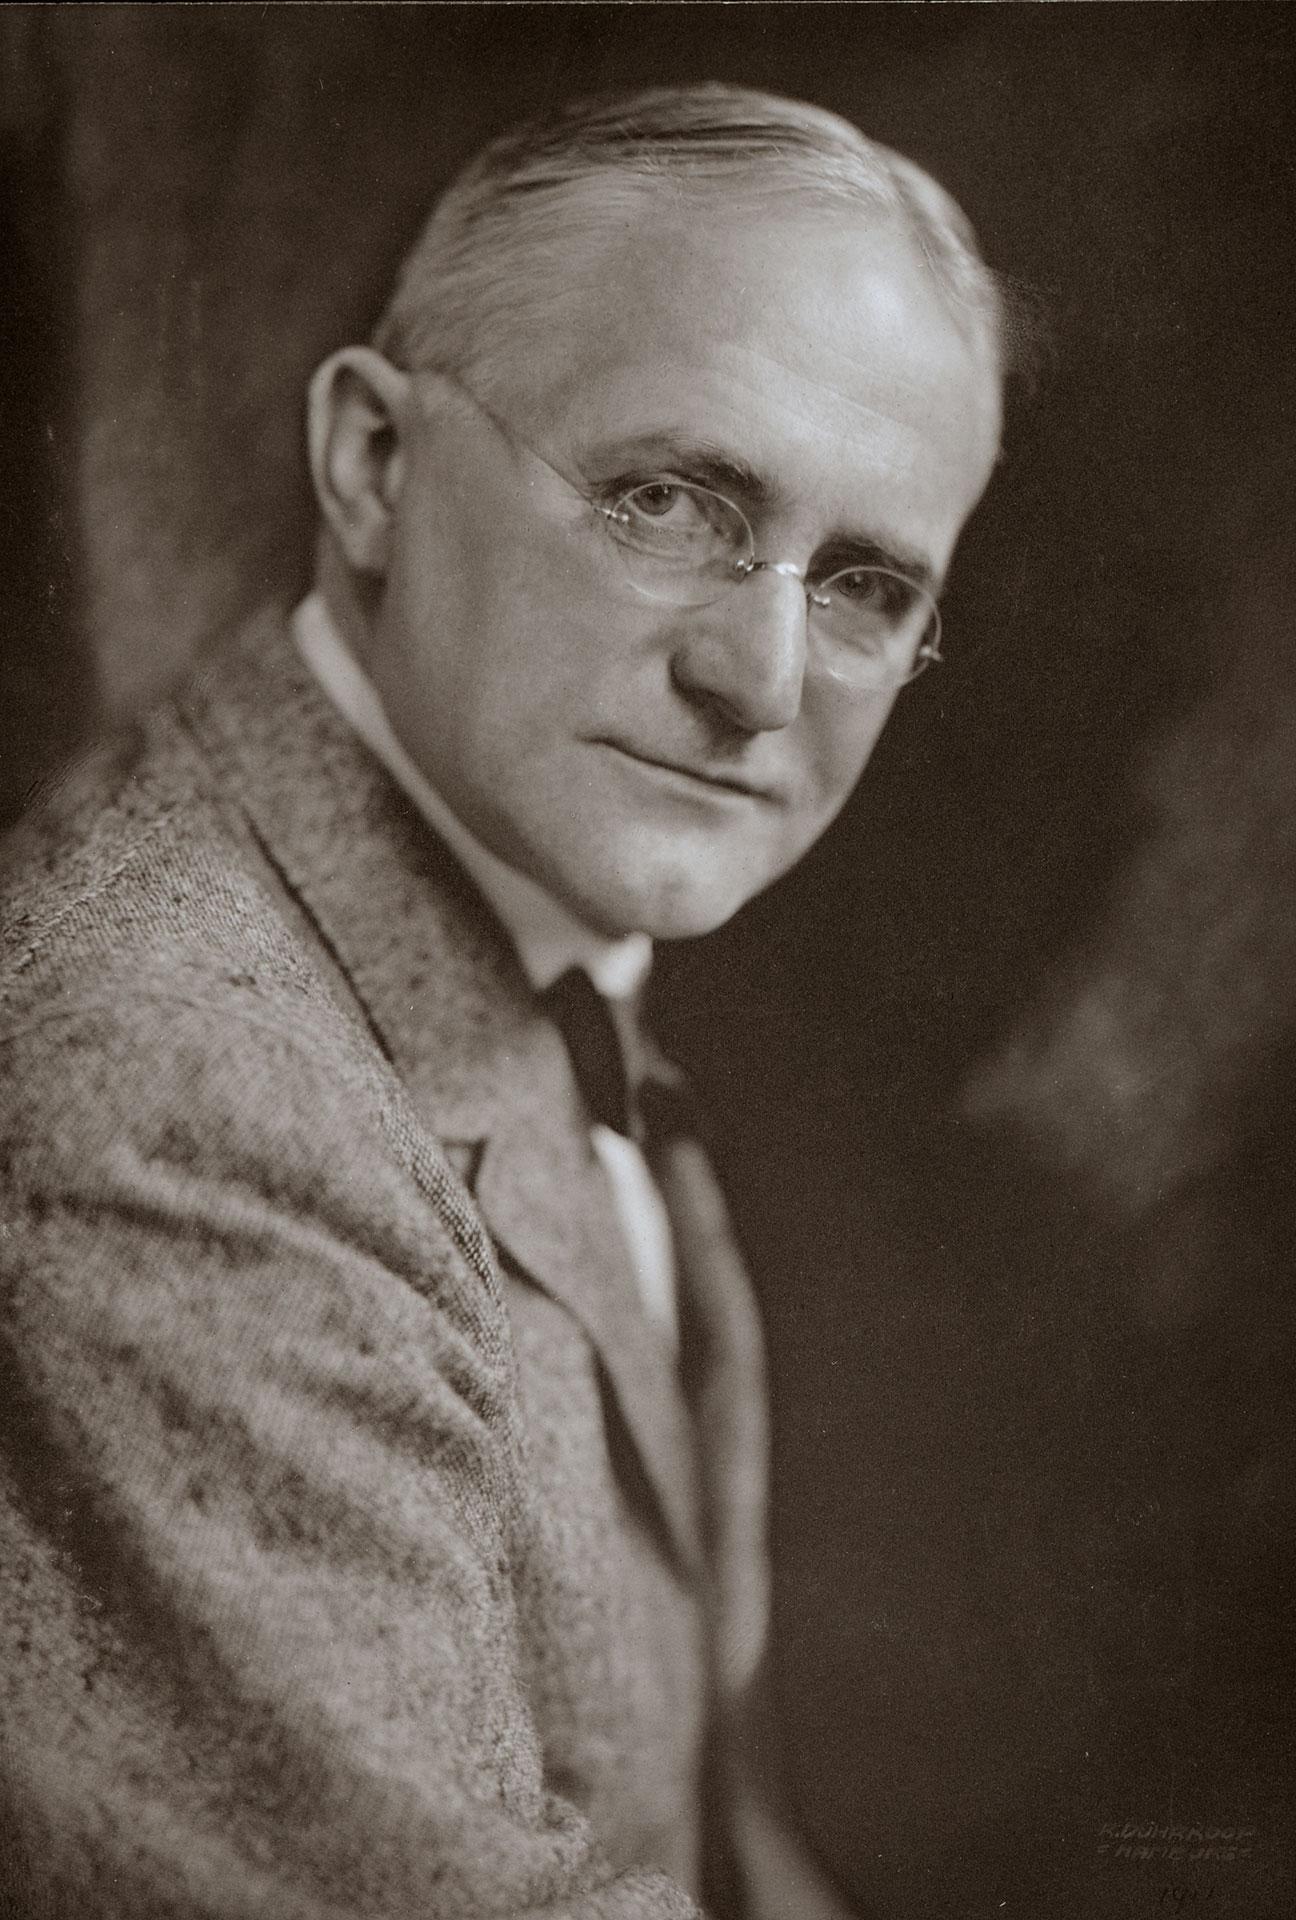 About George Eastman  George Eastman Museum